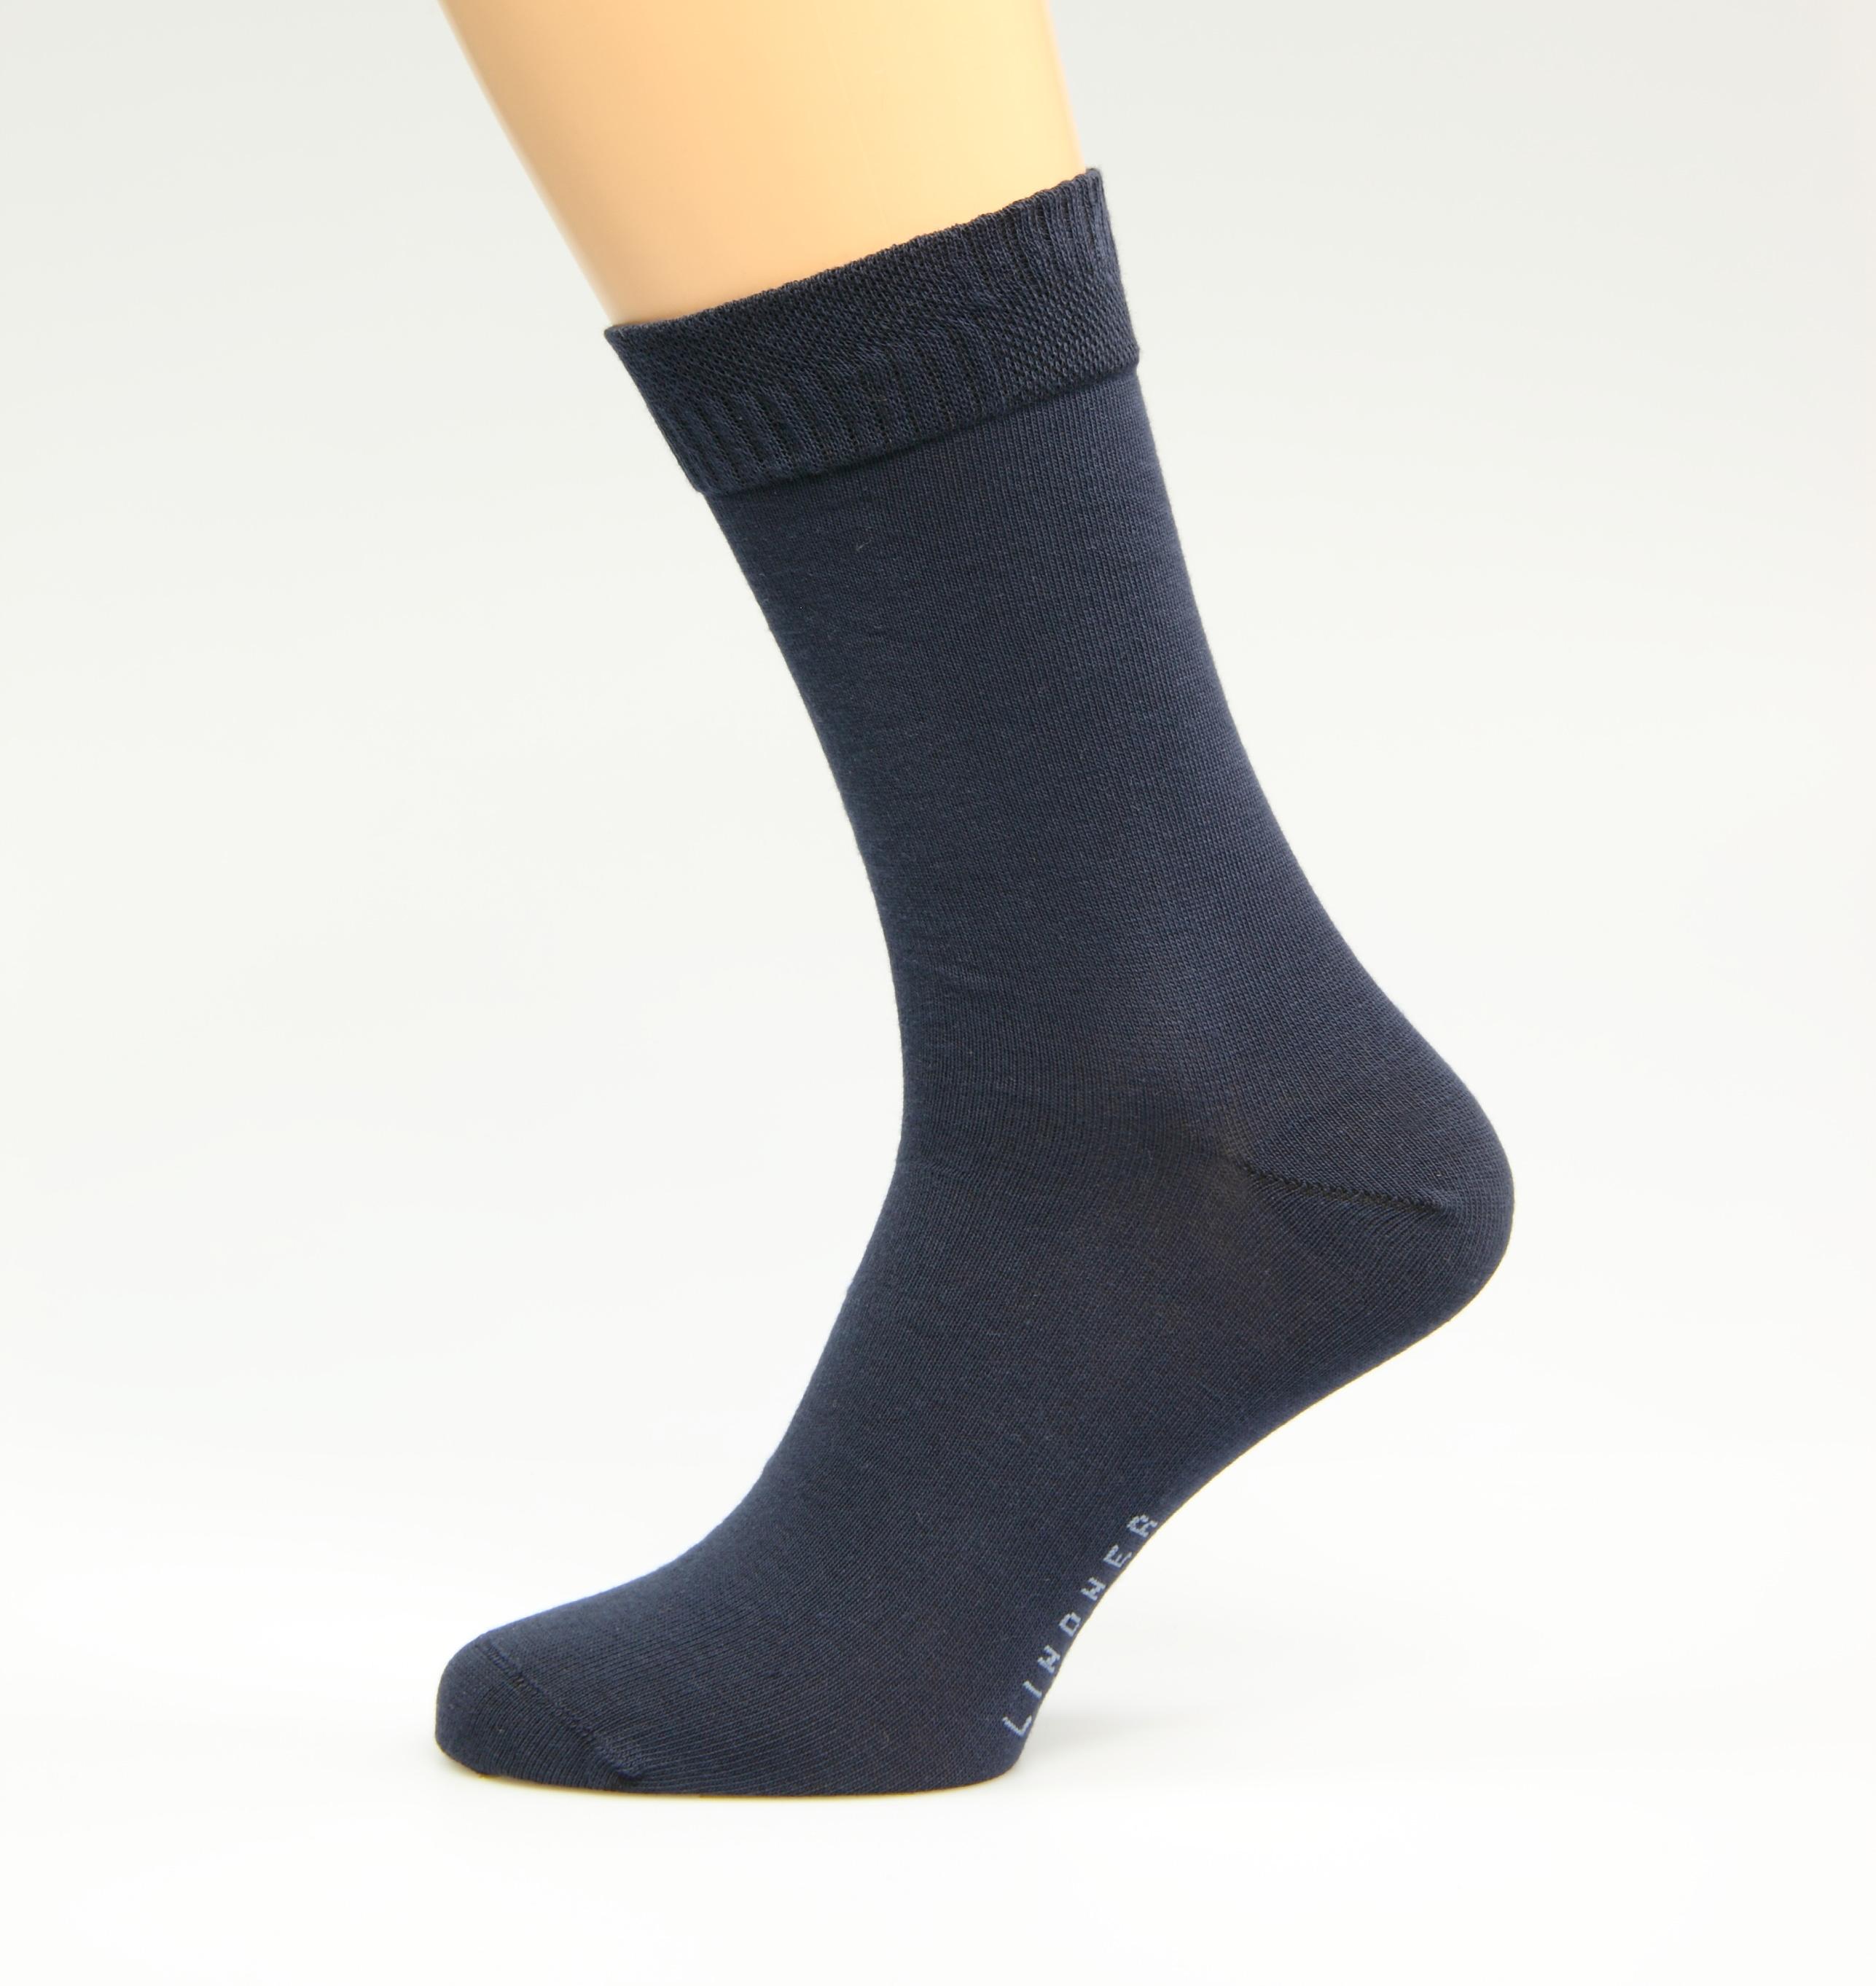 Diabetiker-Socken-blau-Gr-sse-39-41